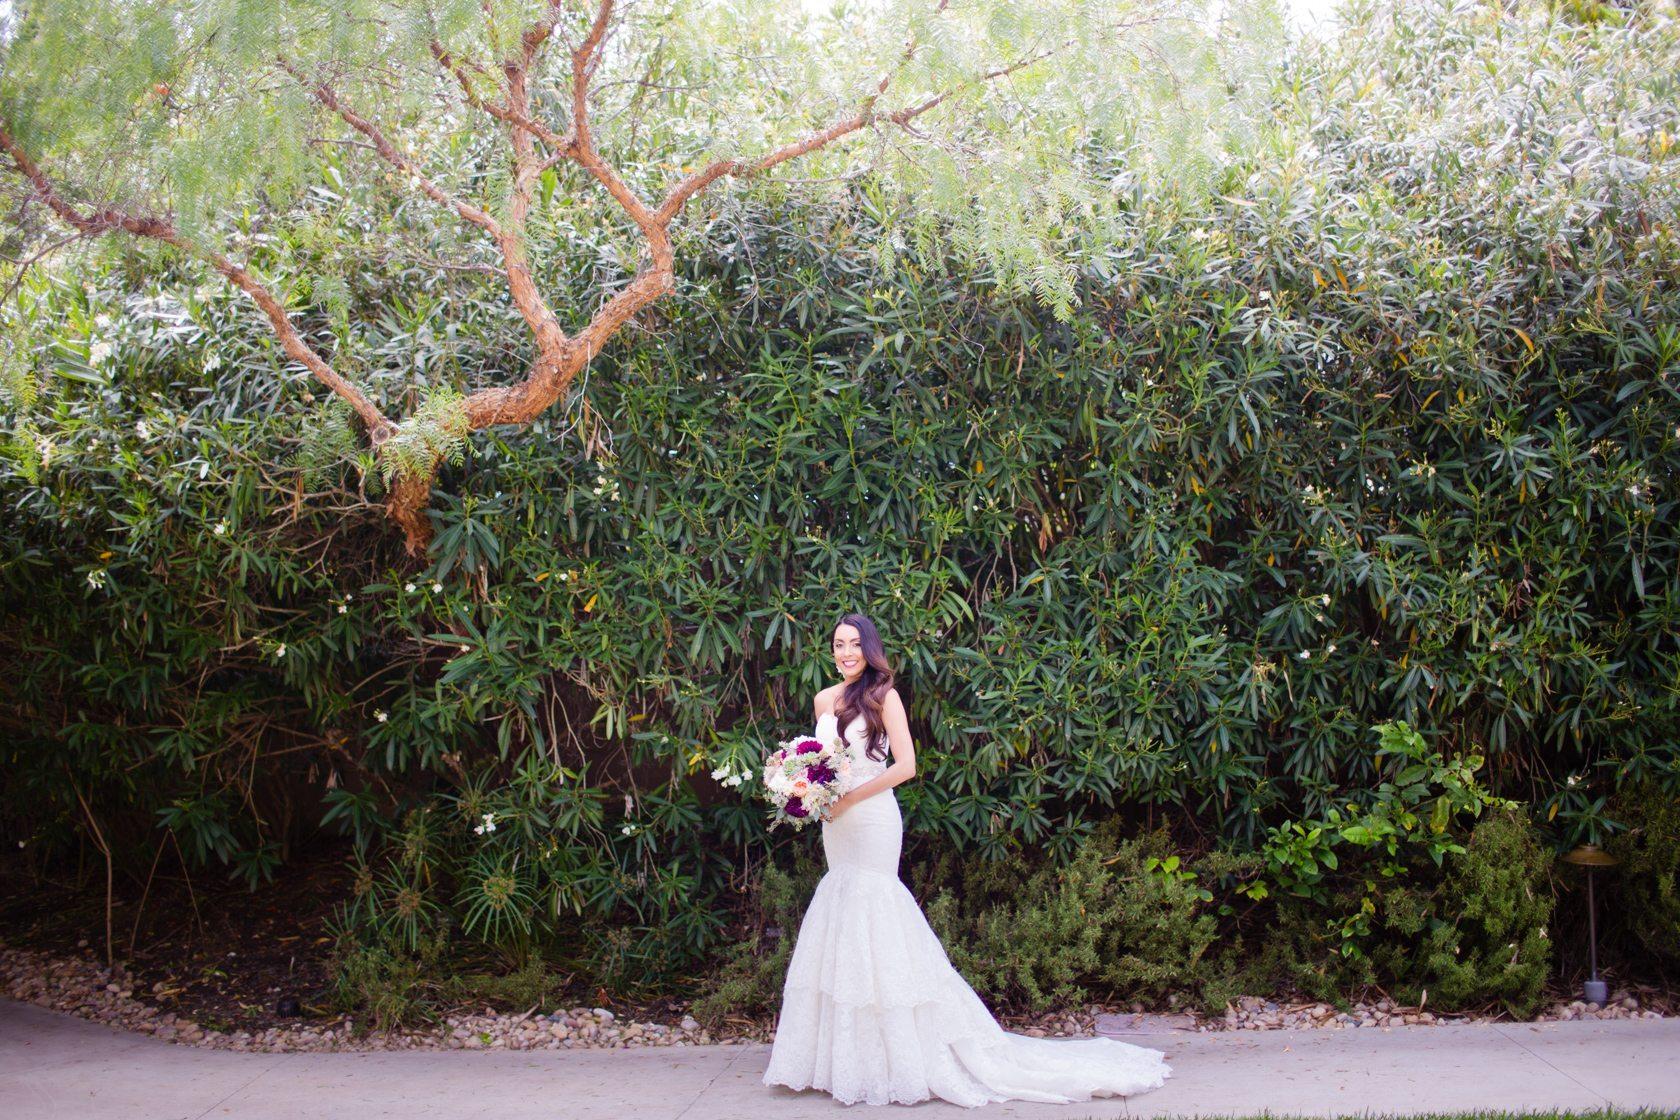 Romantic_Estancia_La_Jolla_Wedding_014.jpg